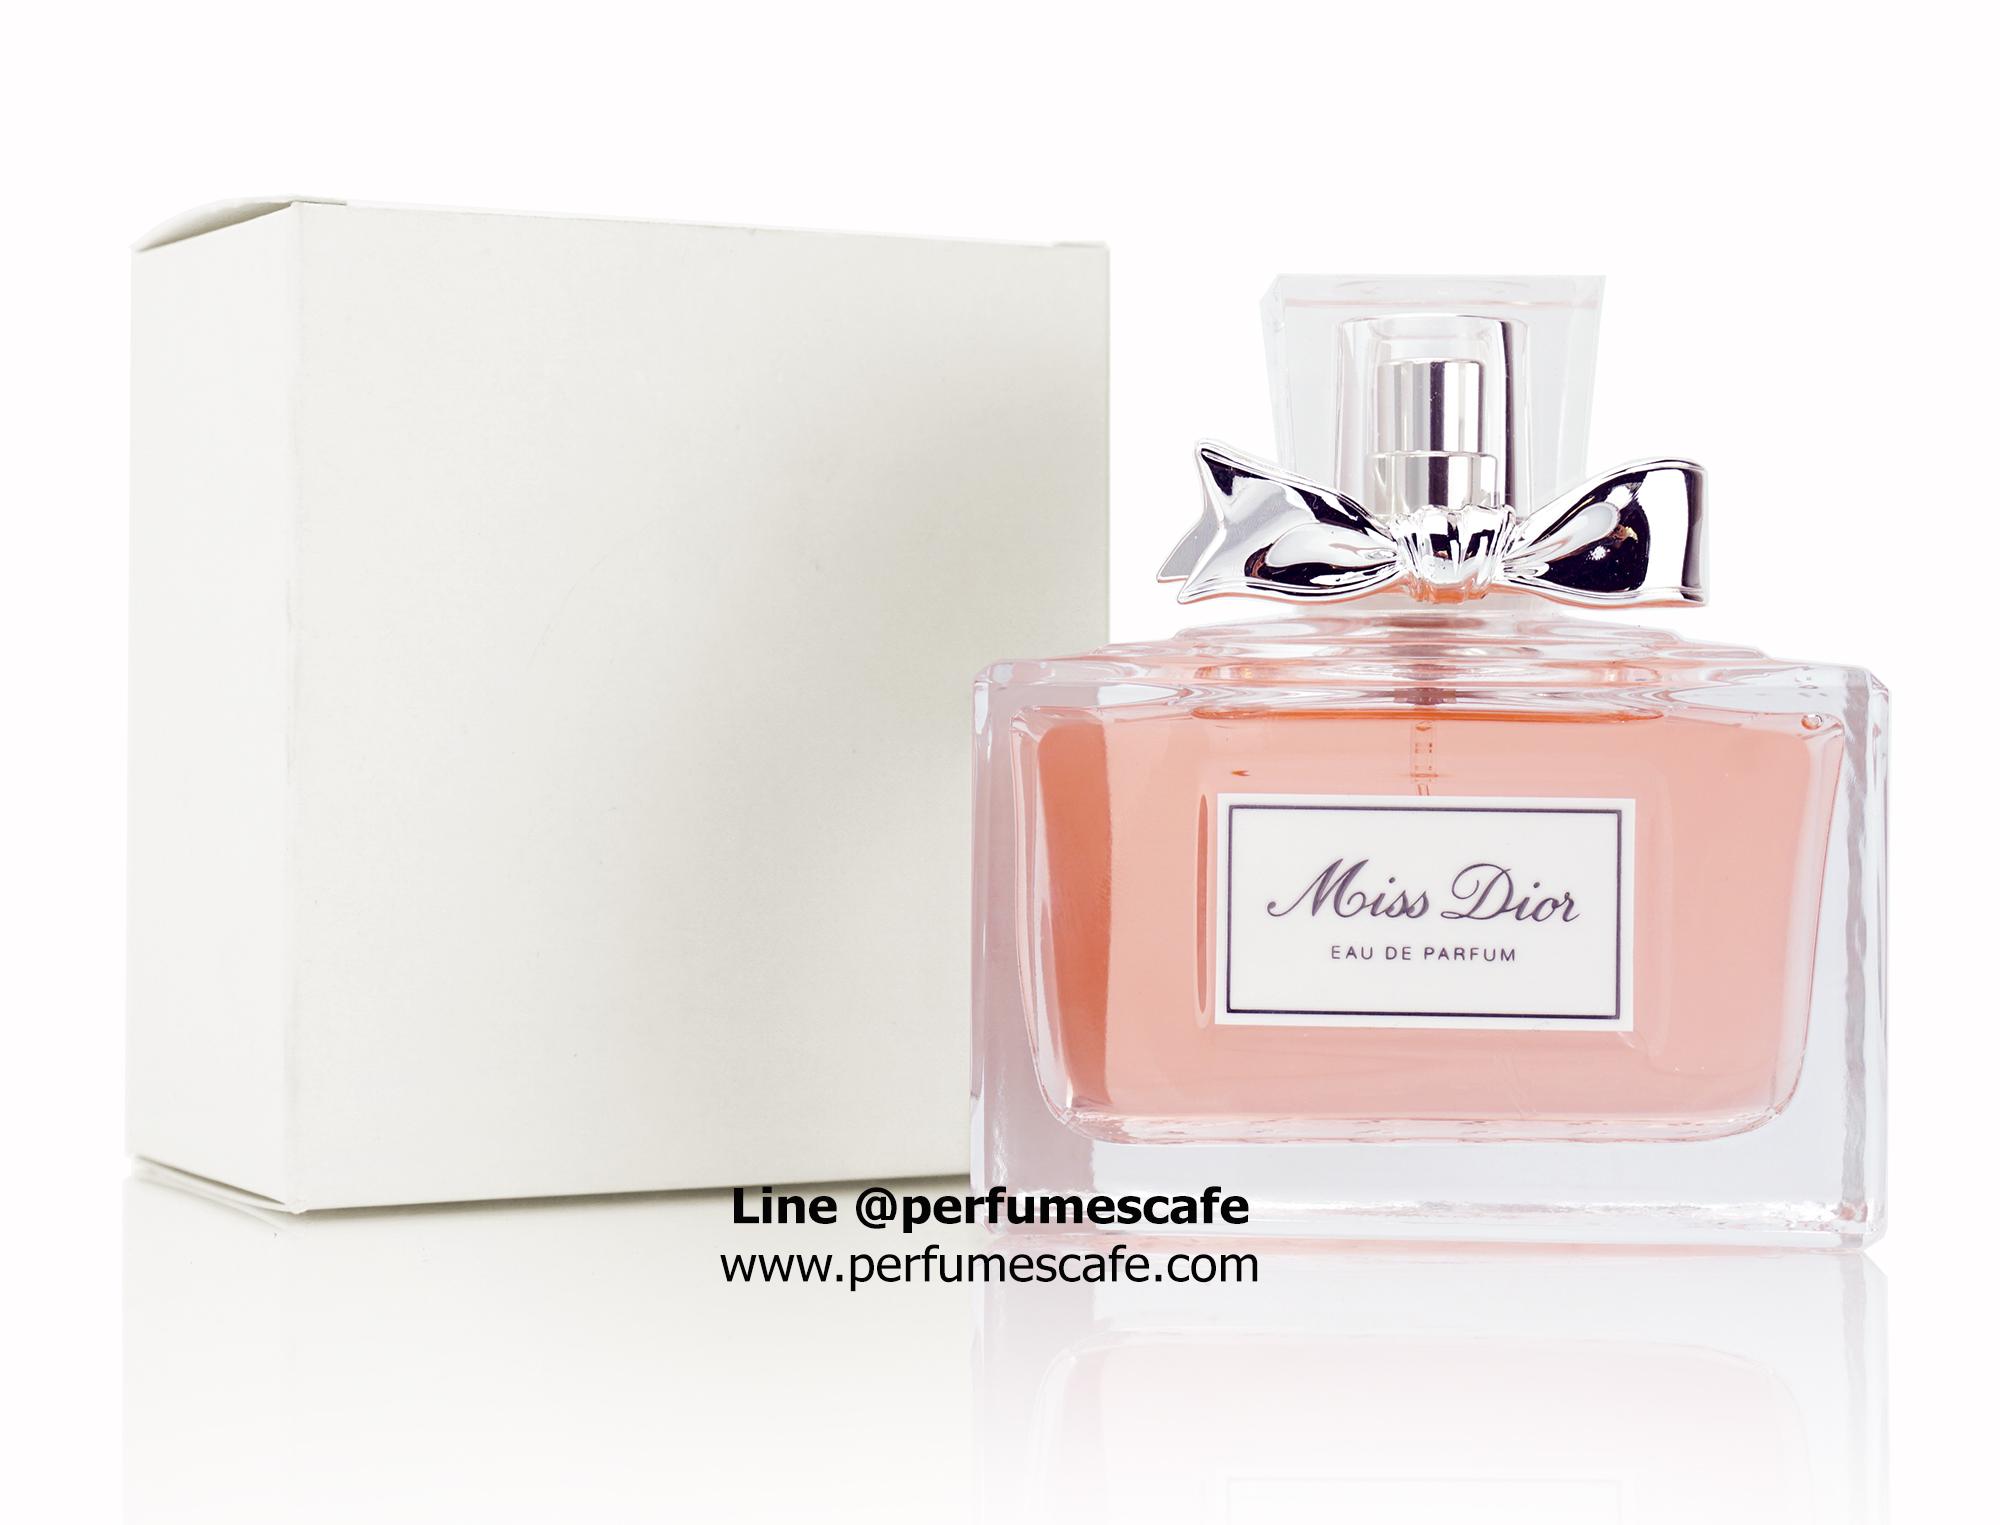 น้ำหอม Miss Dior Eau de Parfum 2017 ขนาด 100ml กล่องเทสเตอร์